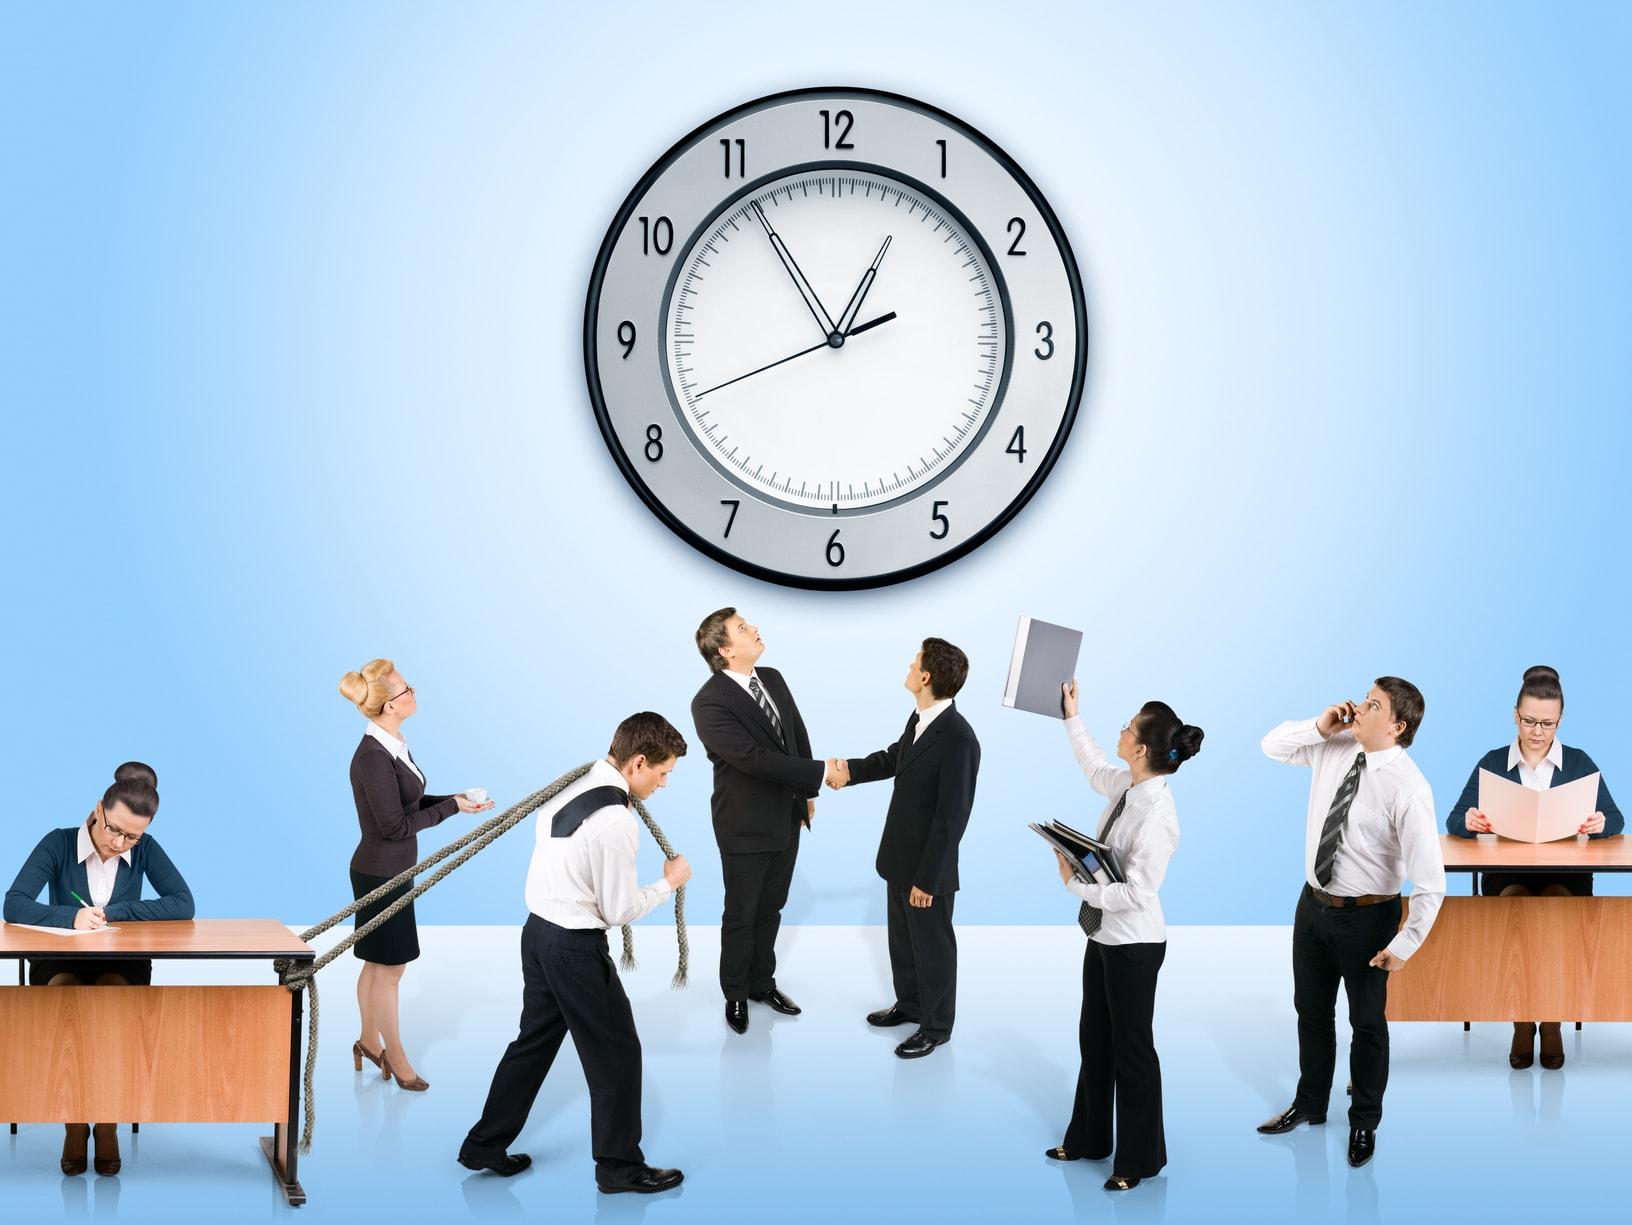 Είναι νόμιμοι όροι στις συβάσεις εργασίας που καθιστούν υπεύθυνους τους εργαζόμενους για την τήρηση του ωραρίου;